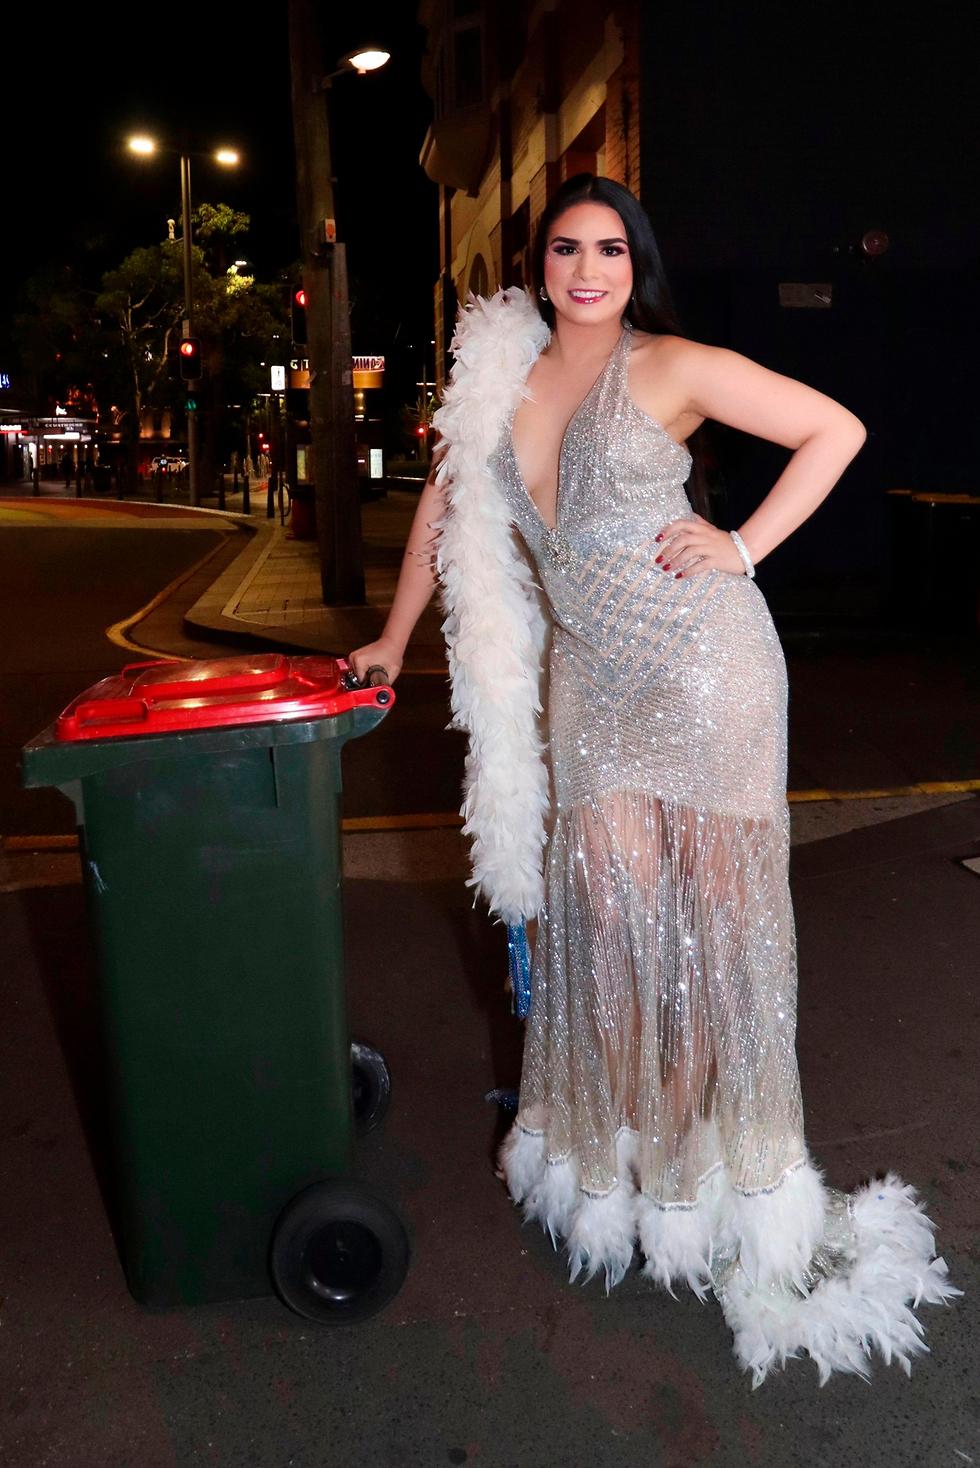 נגיף קורונה תופעה מתלבשים יפה לגרור פחי זבל סידני אוסטרליה ויקטוריה אנתוני (צילום: AFP, Courtesy of Victoria Anthony)